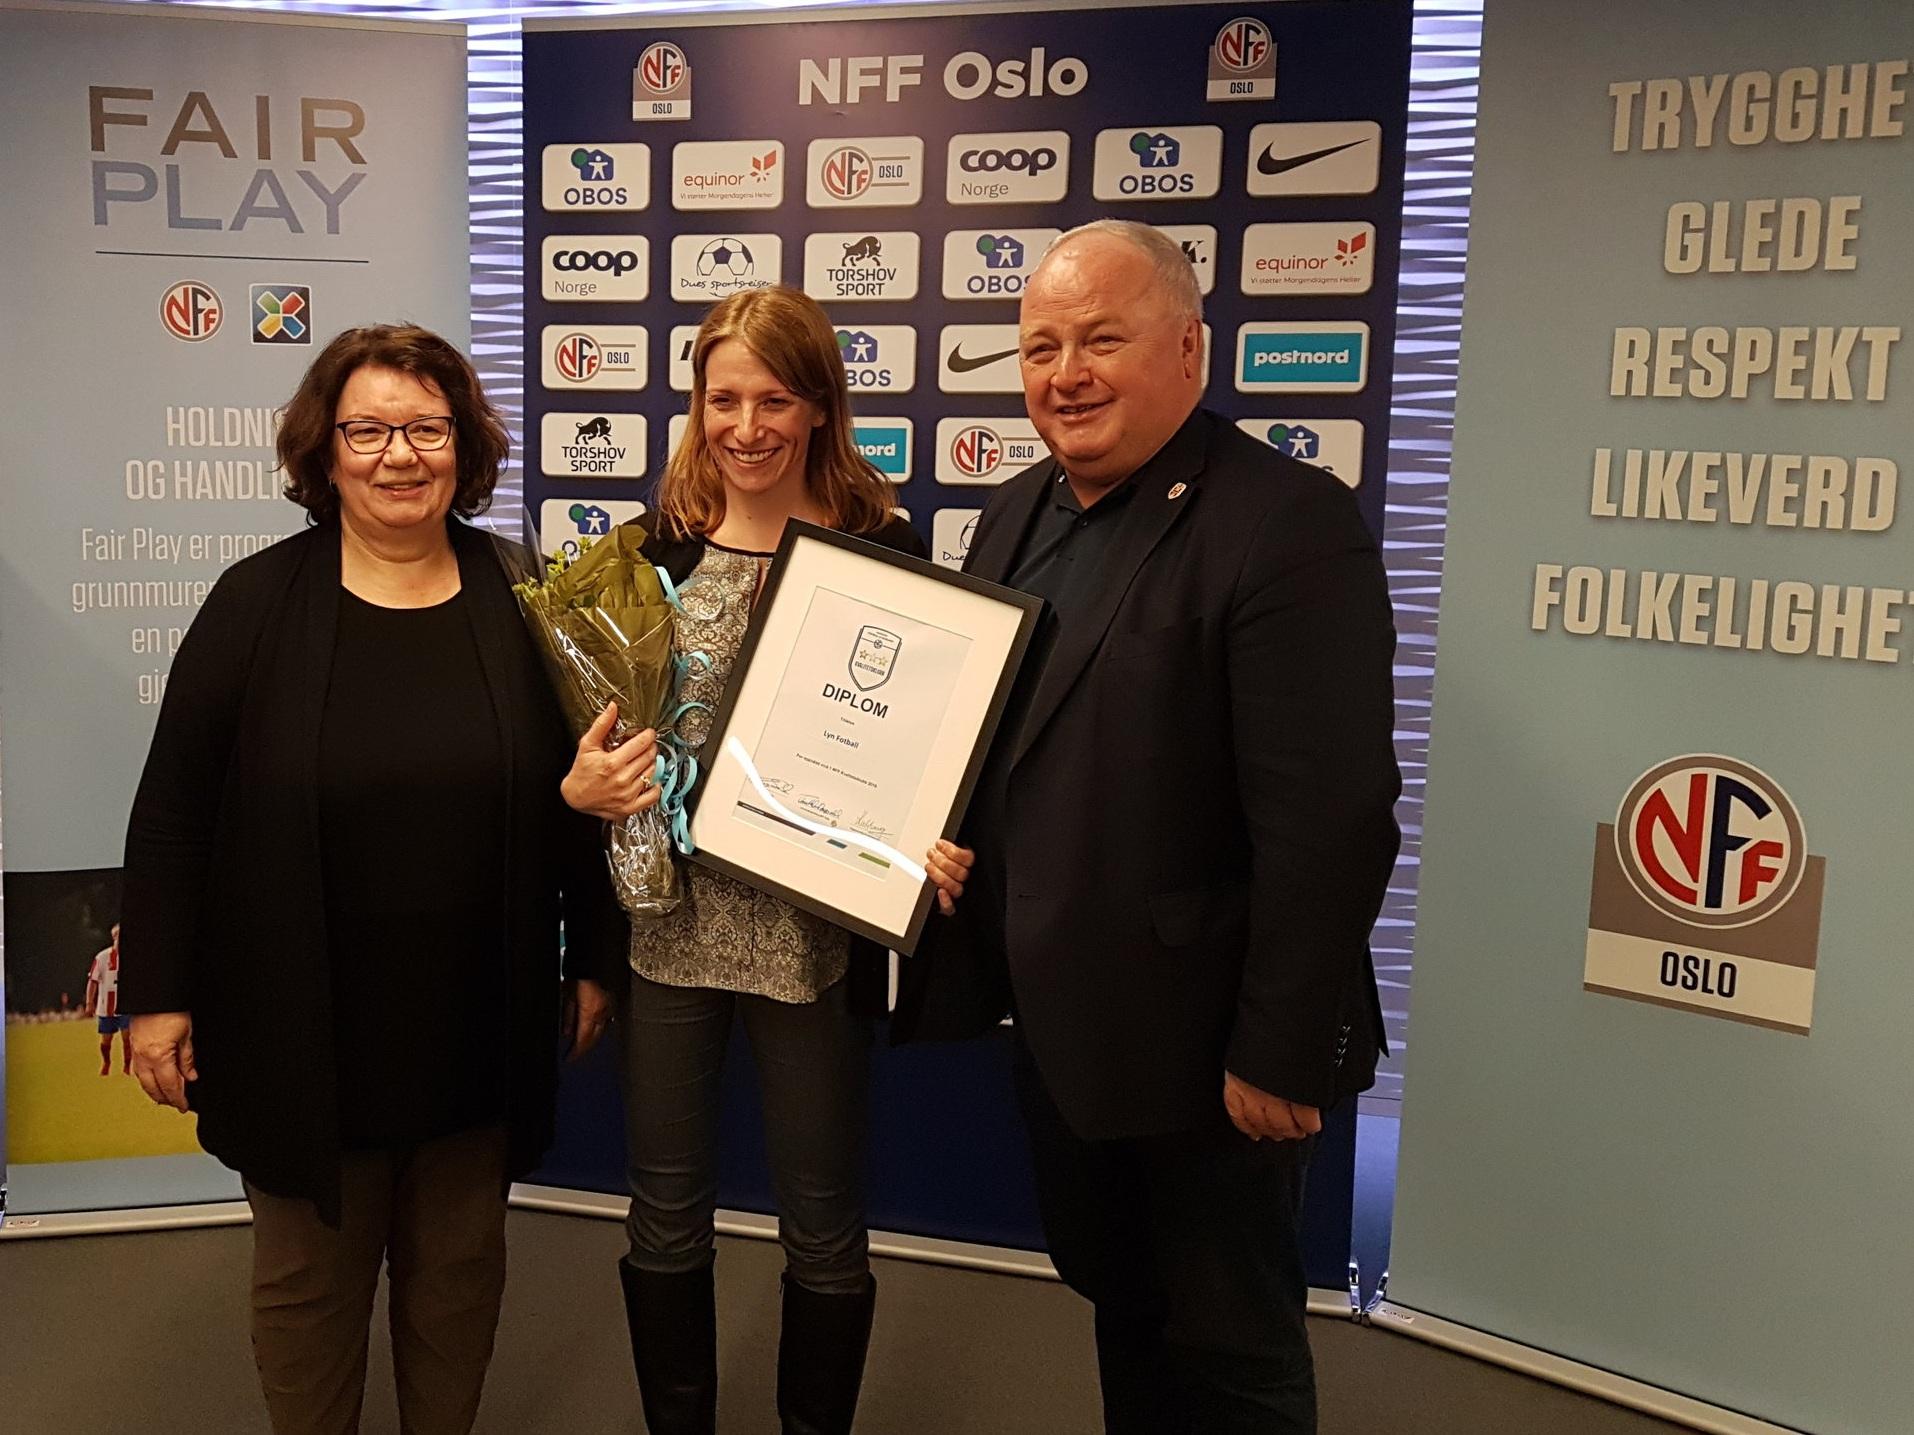 Lyn Fotball mottar beviset på Kvalitetsklubb. F.v. Styreleder NFF Oslo Kari Hove, Styreleder Lyn Fotball Tone Etholm, Fotballpresident Terje Svendsen